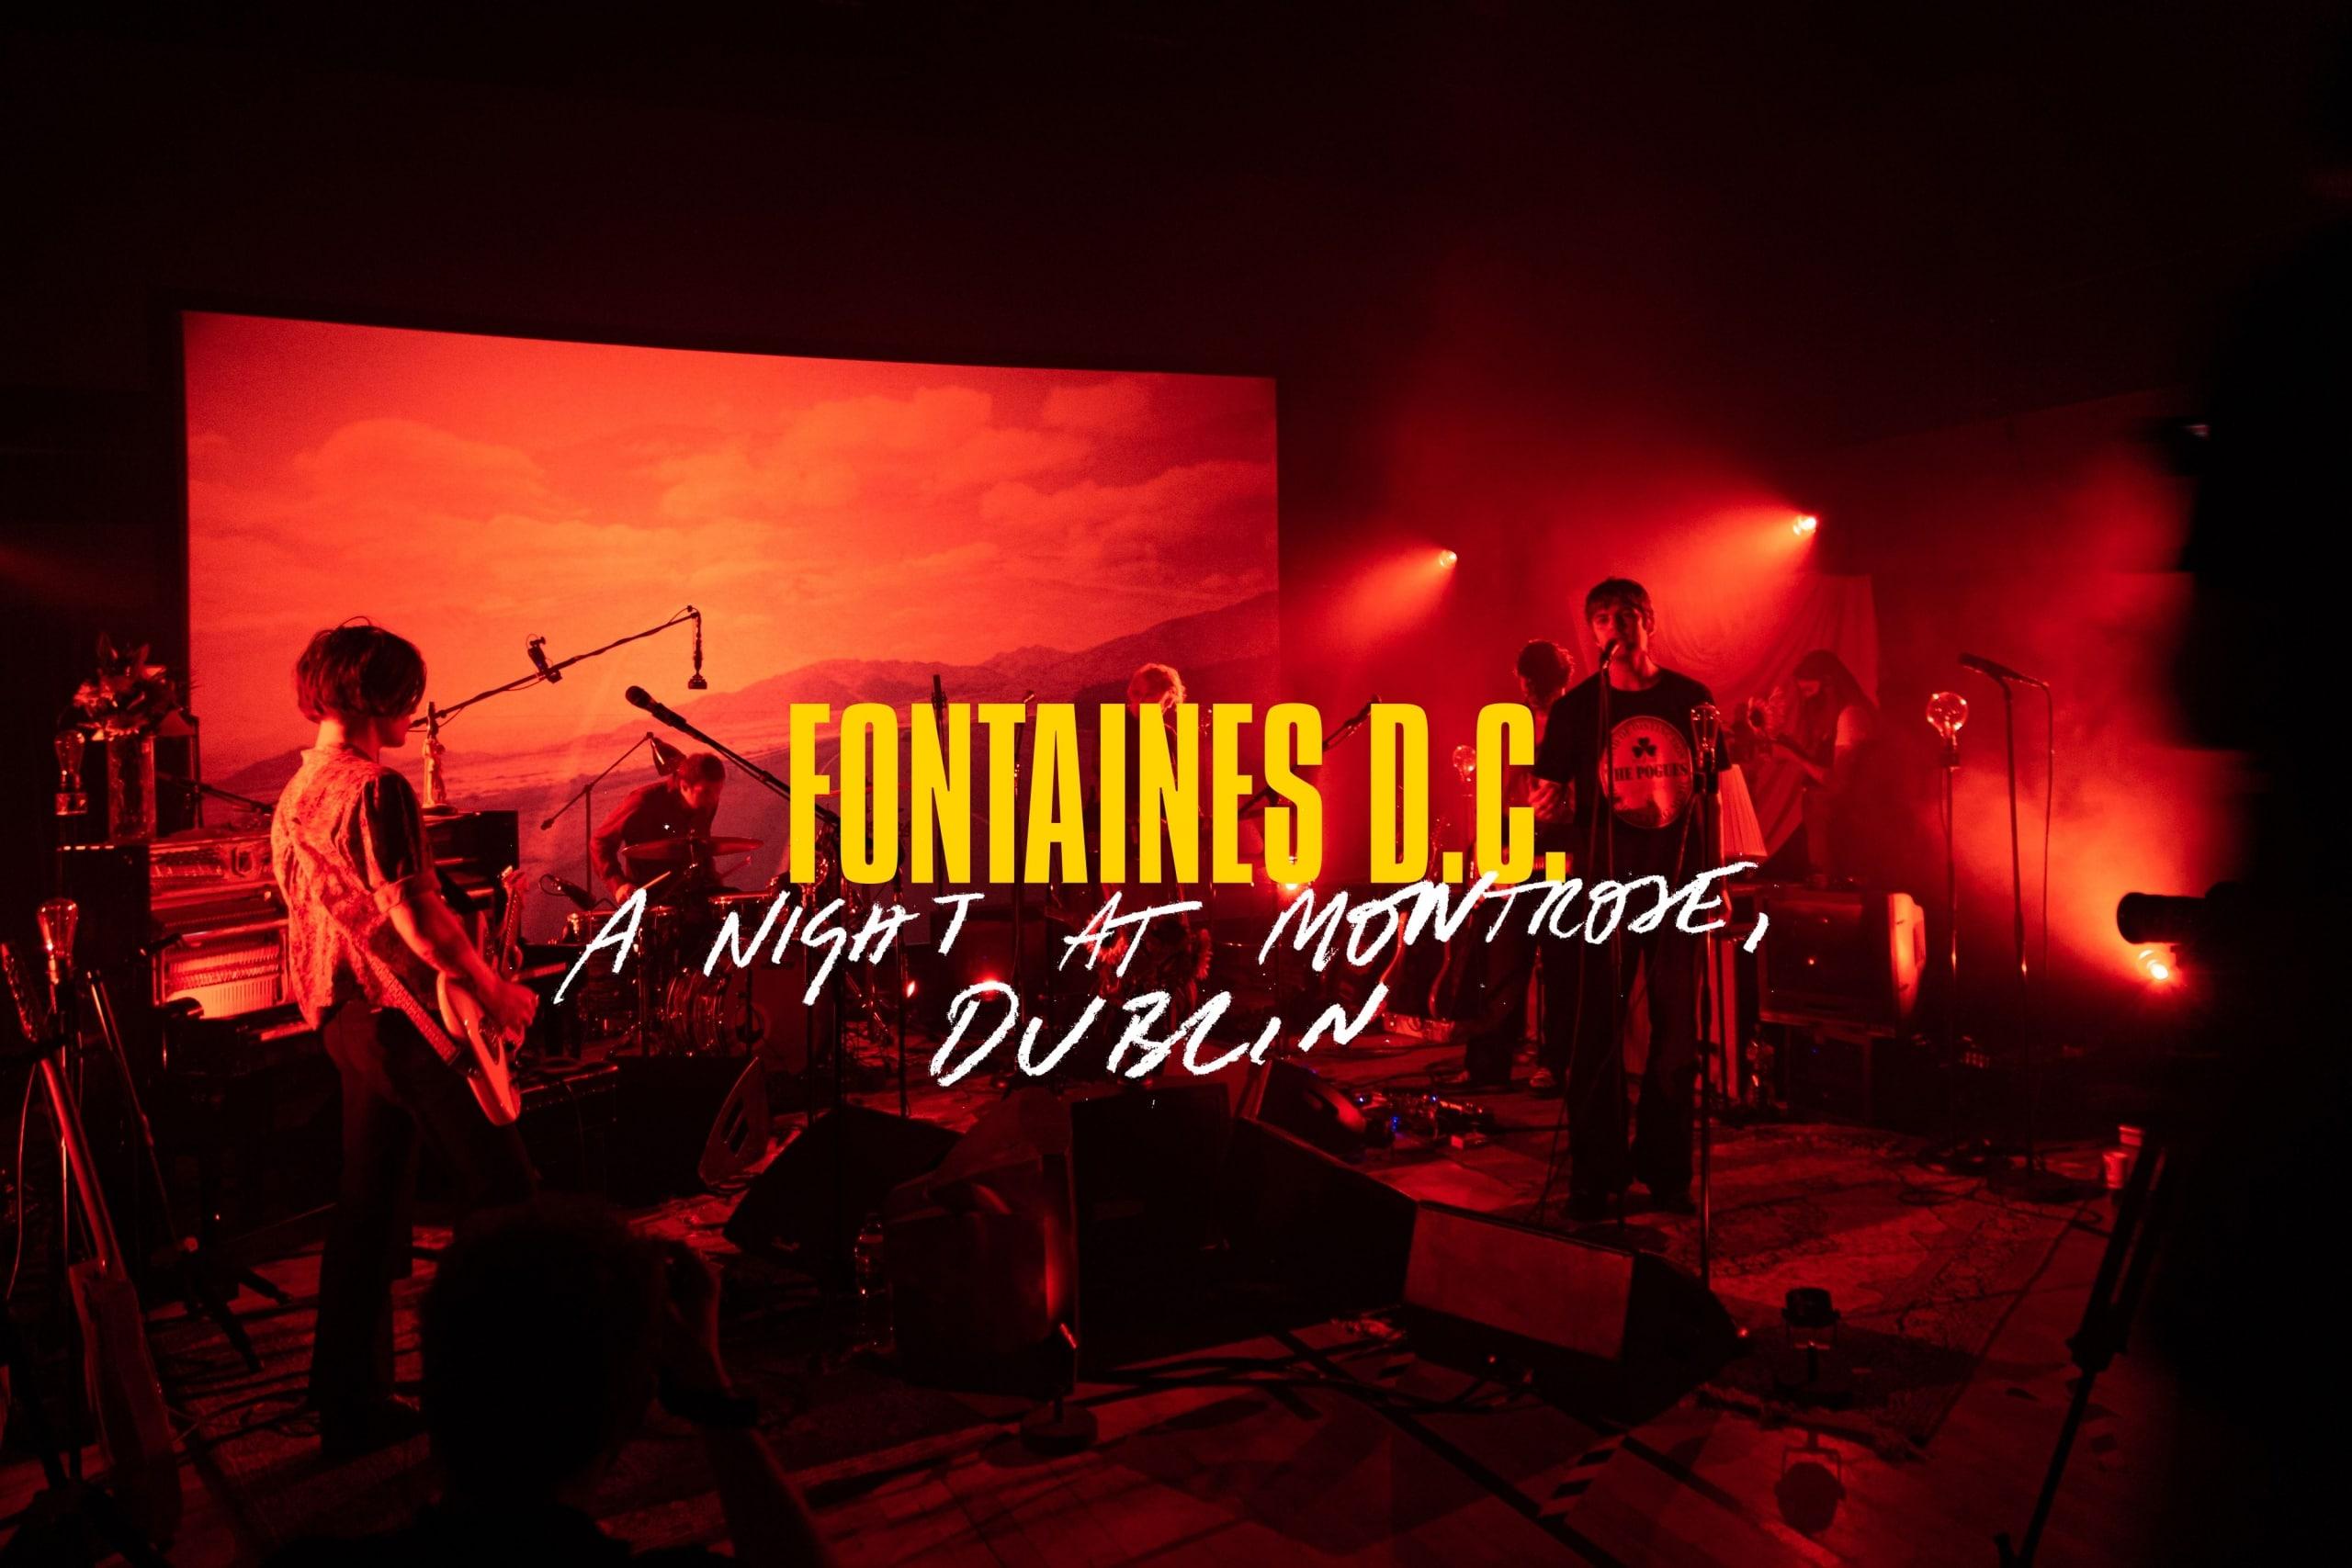 fontaines d.c. live at montrose dublin